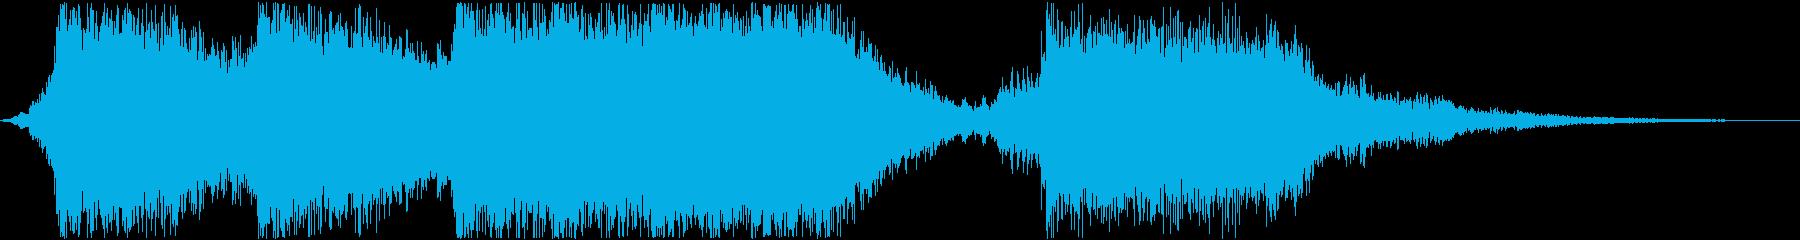 アクションハイブリッドトレイラー15秒の再生済みの波形